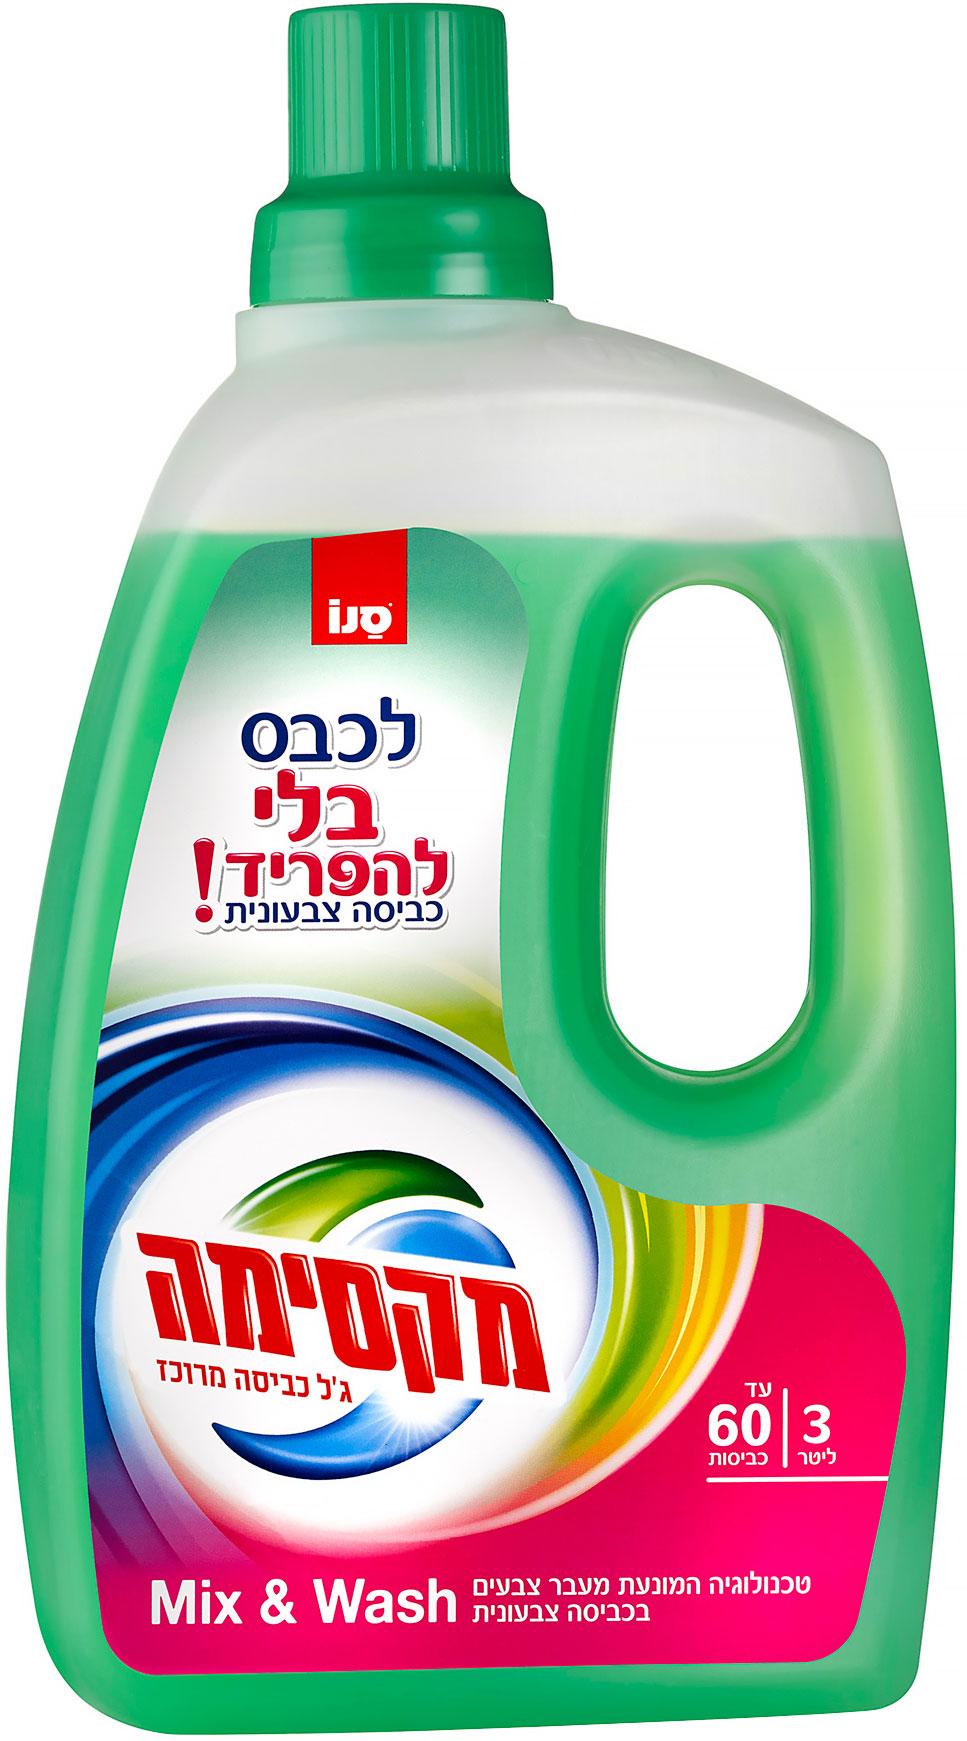 סנו מקסימה ג'ל כביסה מיקס אנד ווש 3 ליטר Mix & Wash